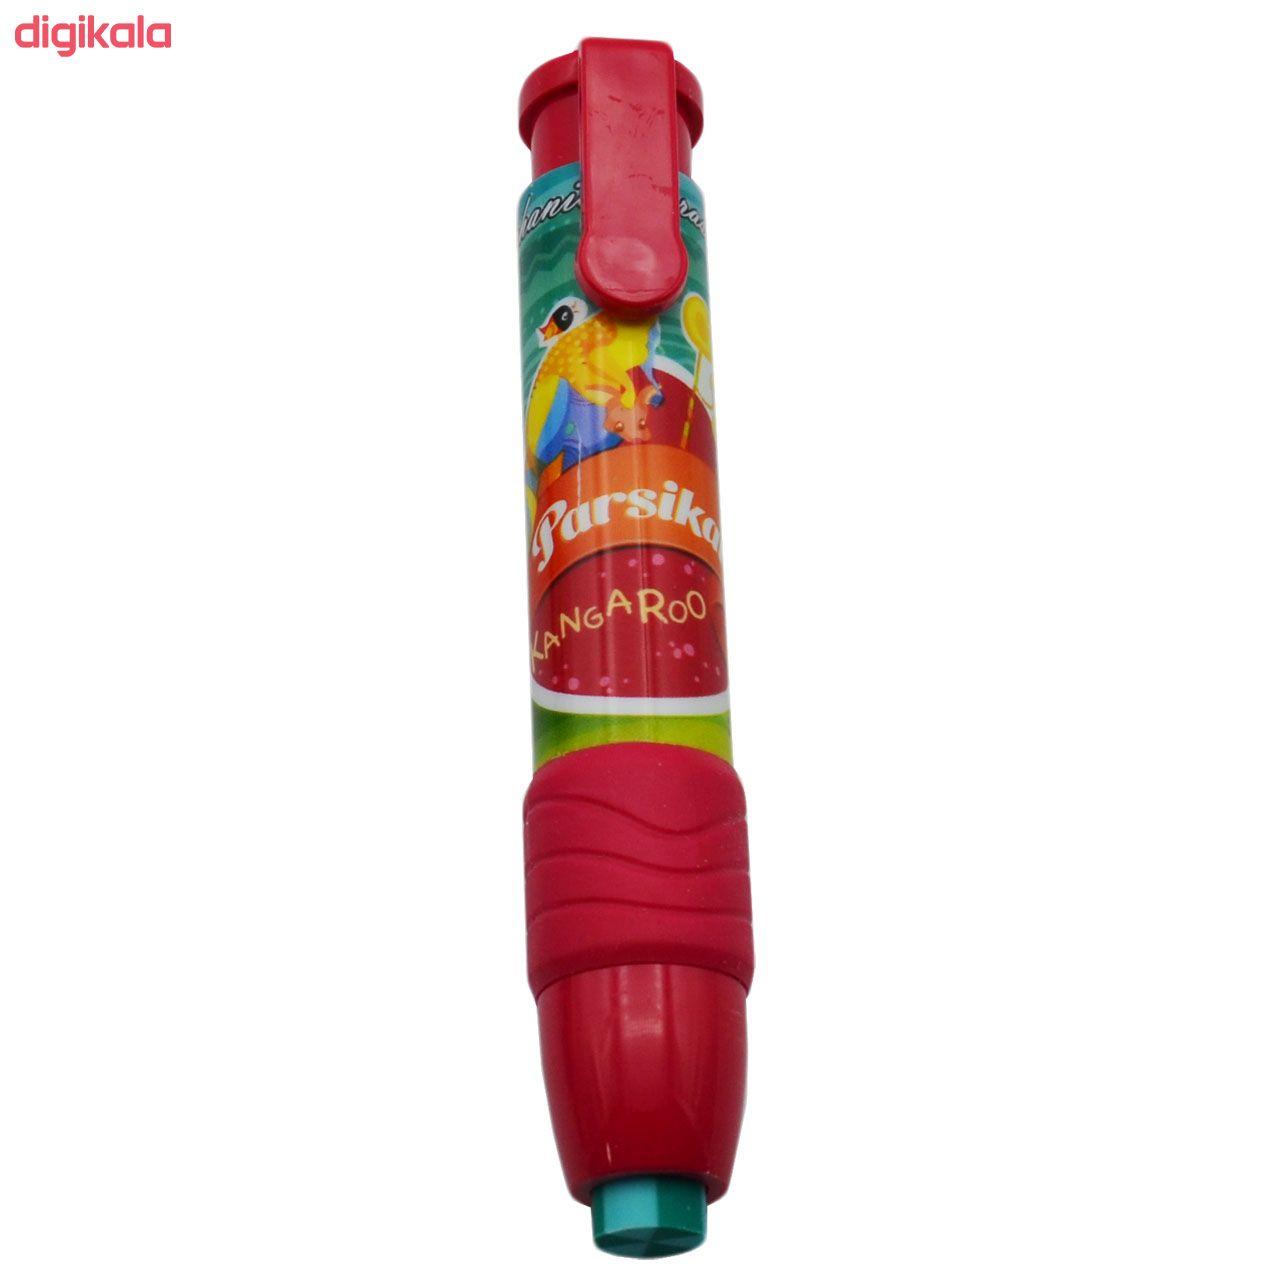 پاک کن مدادی پارسیکار کد 4001 main 1 4